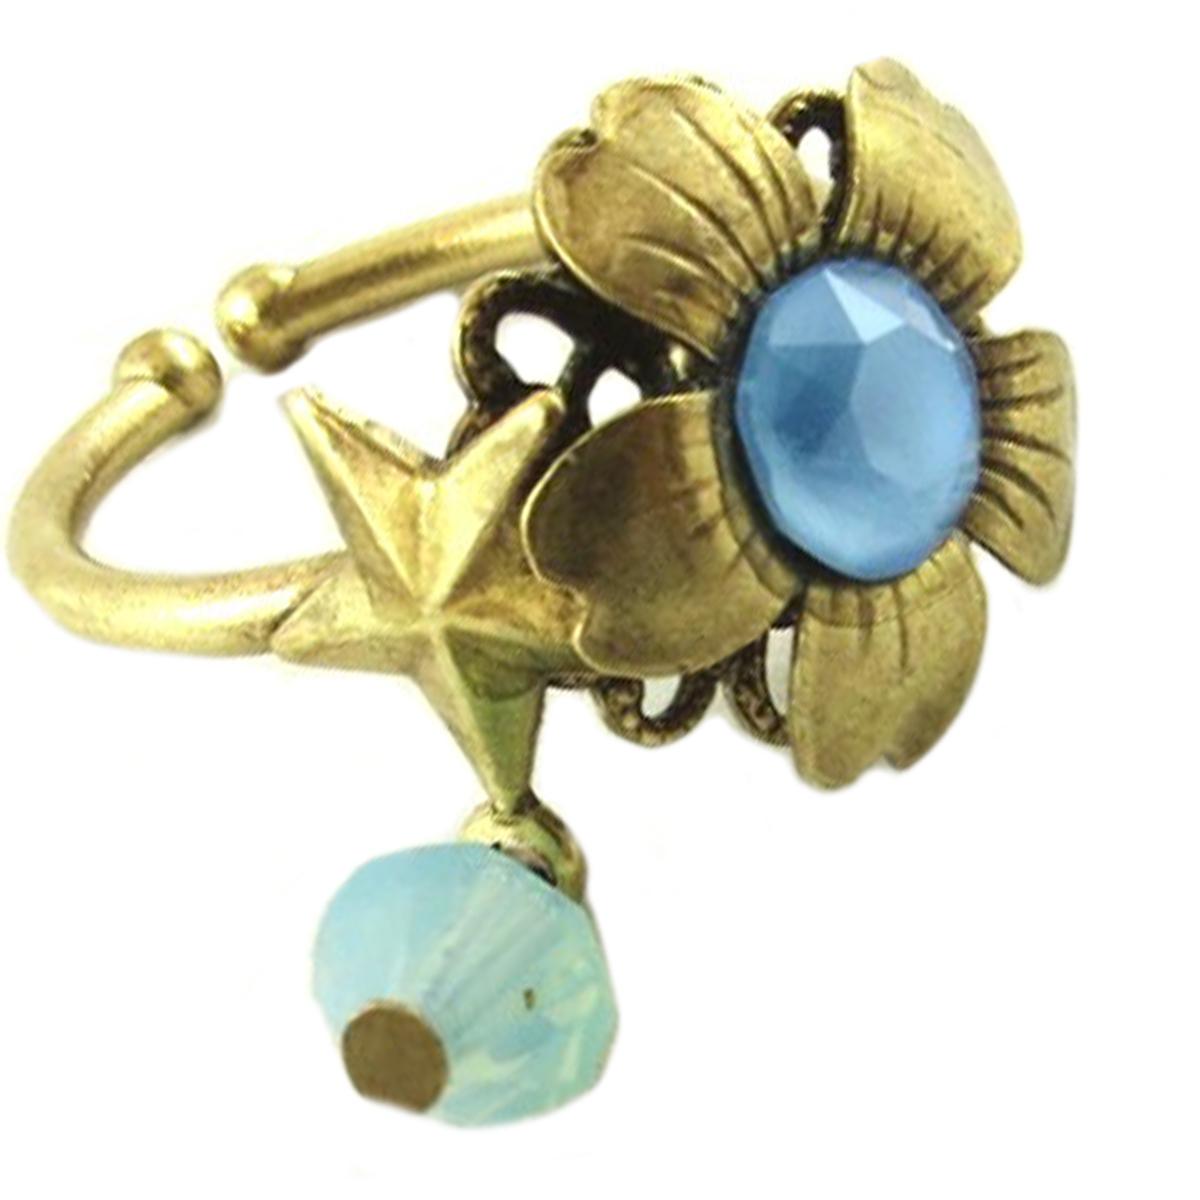 Bague artisanale \'Mythique Syracuse\' bleu vert doré - 15 mm - [P9703]